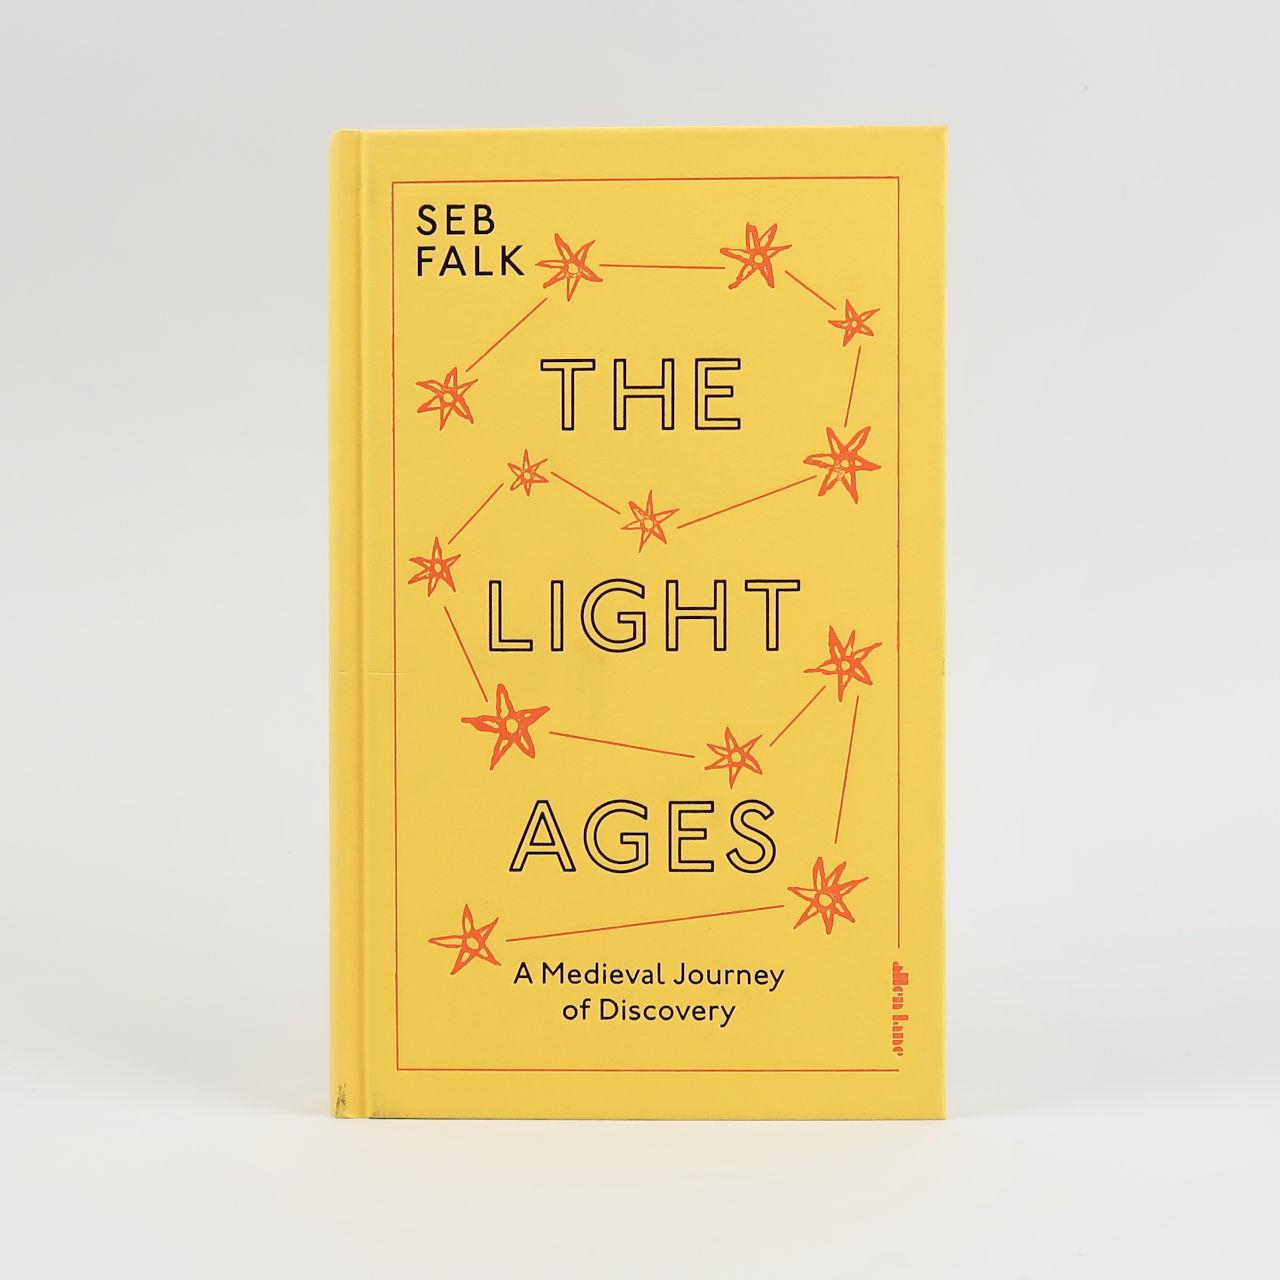 The Light Ages - Seb Falk